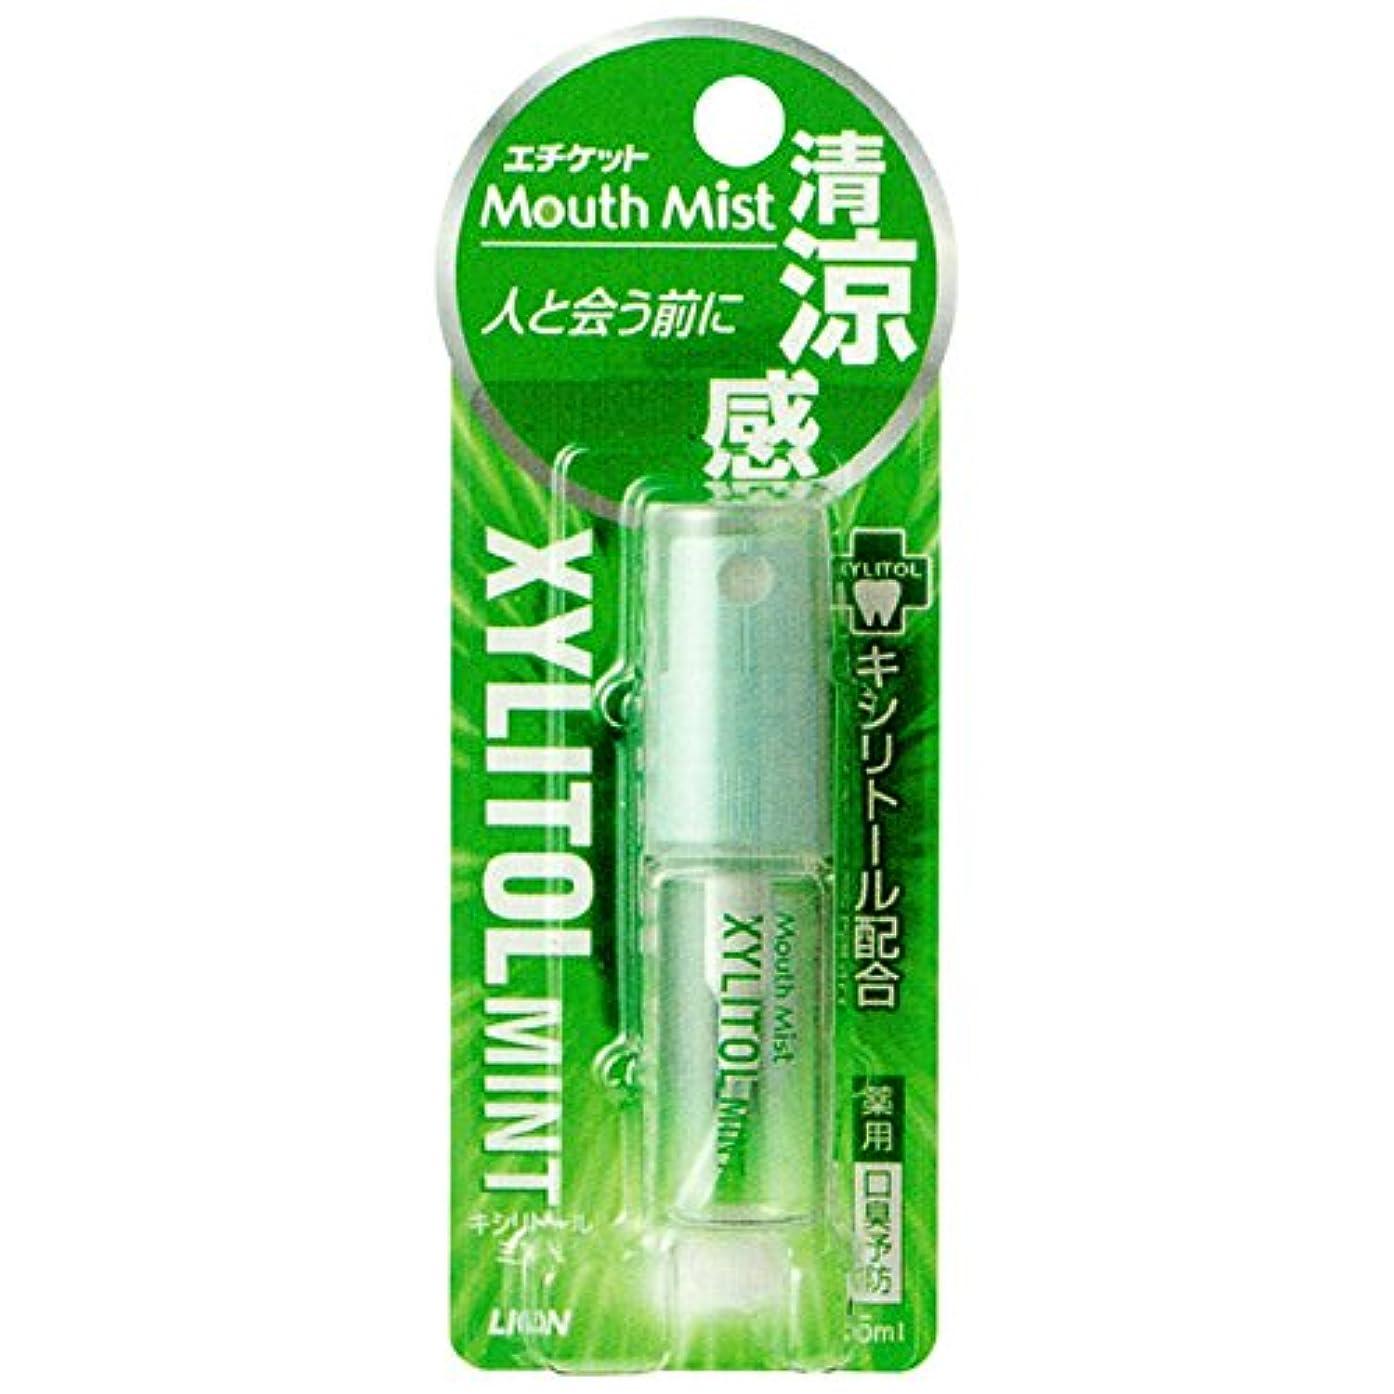 自慢大量パンサーライオン エチケット マウスミスト キシリトールミント 5ml 【医薬部外品】